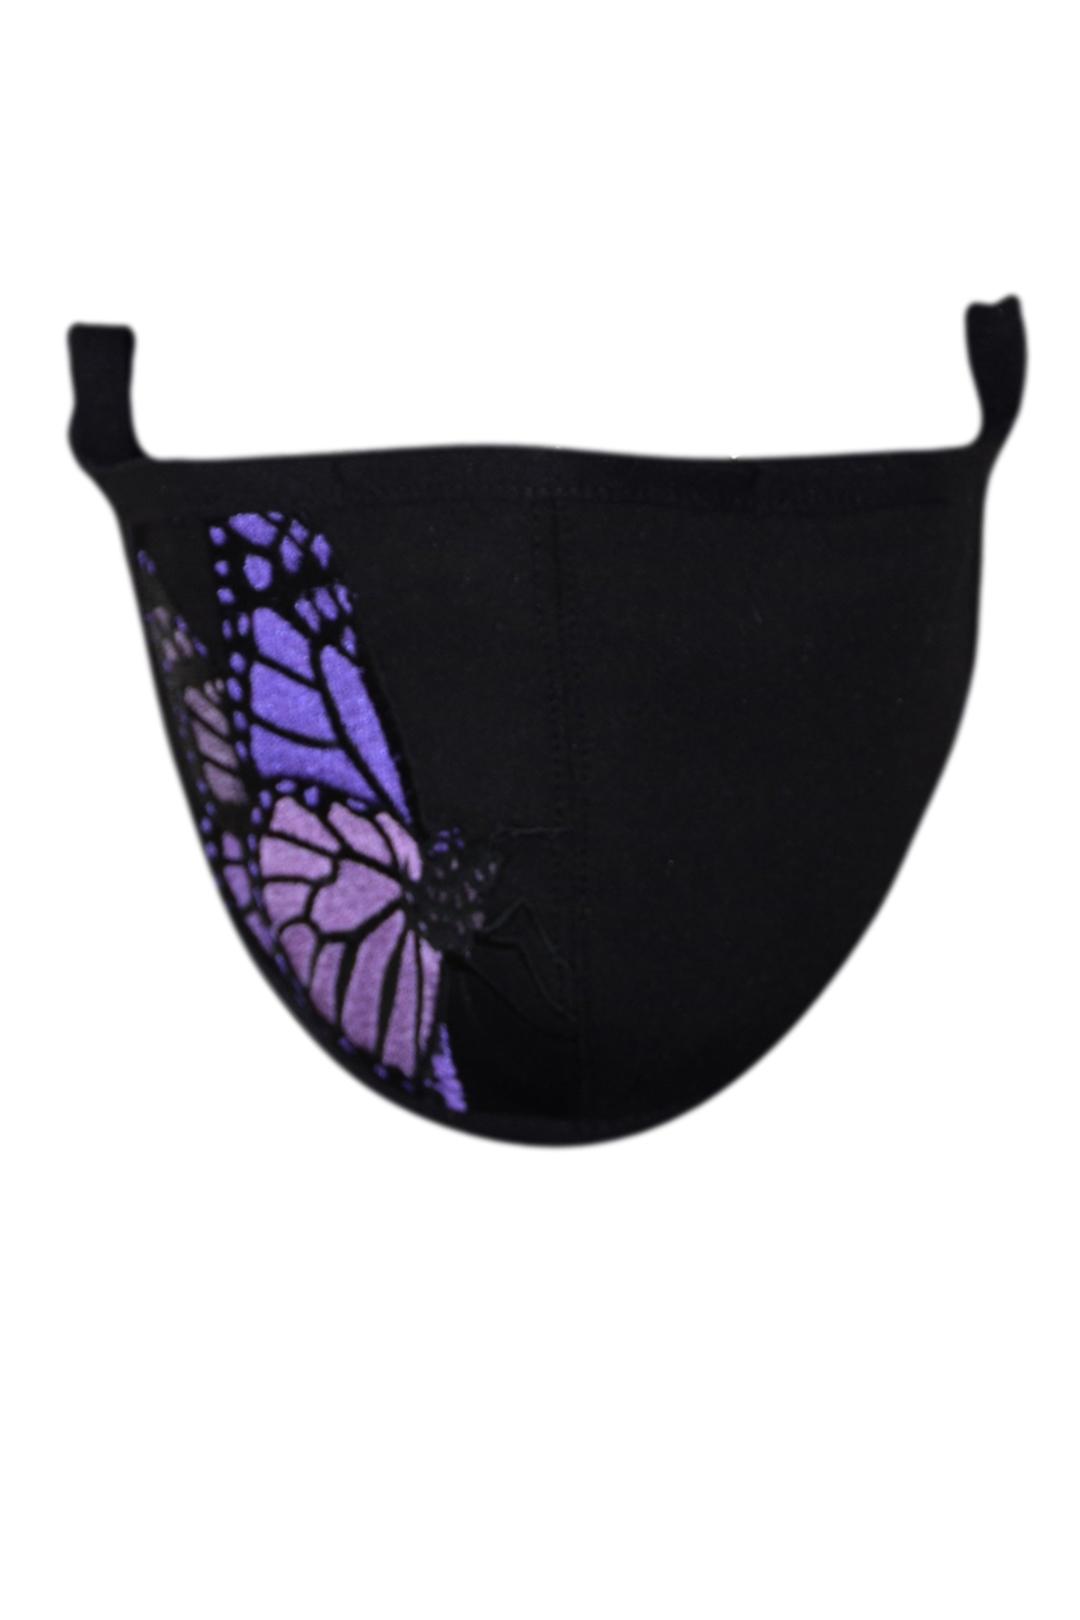 Schutzmaske mit butterfly embroidery